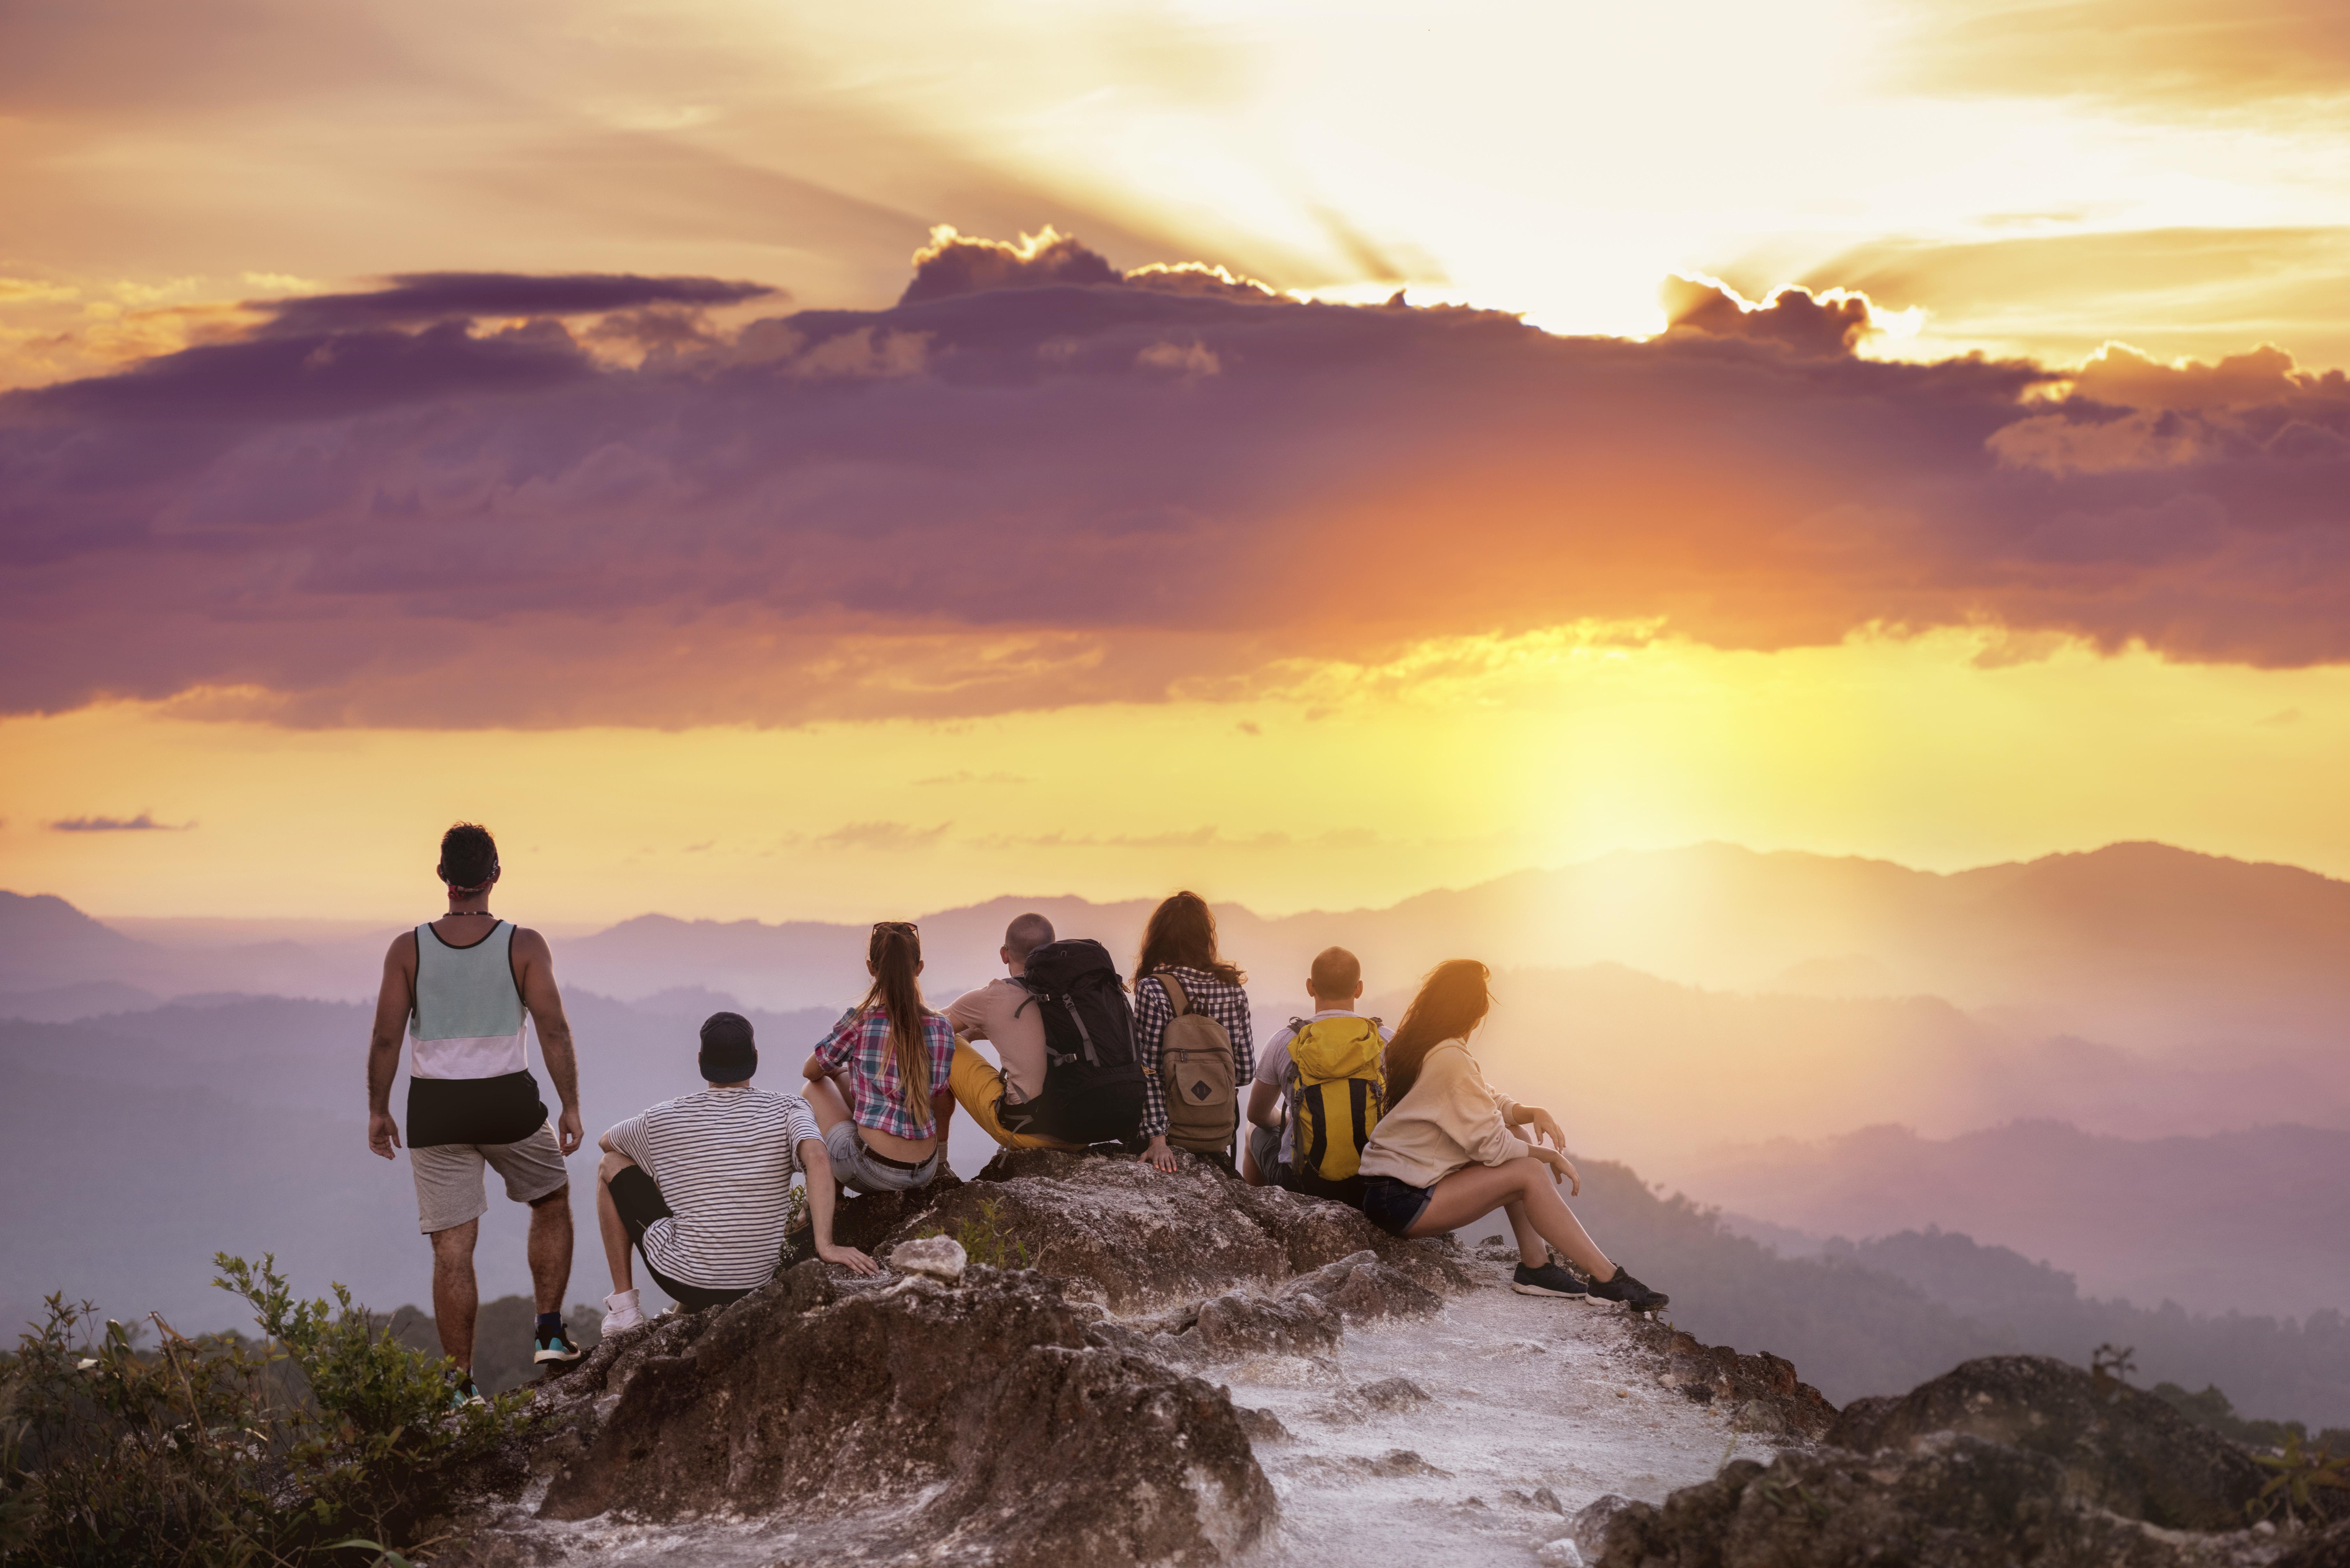 3 Ways to Nurture Your Friendships Year-Round